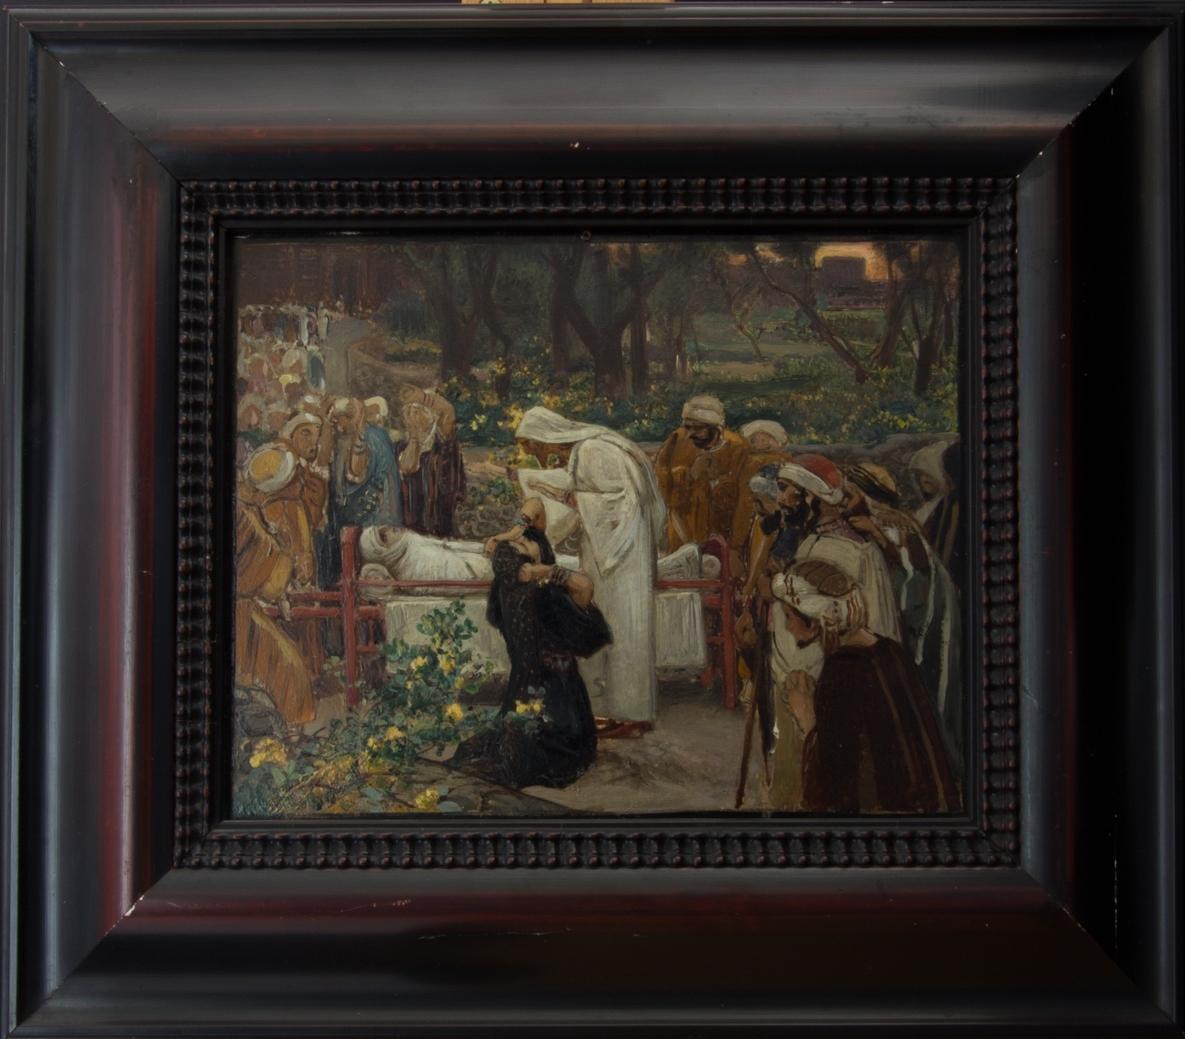 Jesus står bredvid en änka och hennes döde son som ligger på en säng.